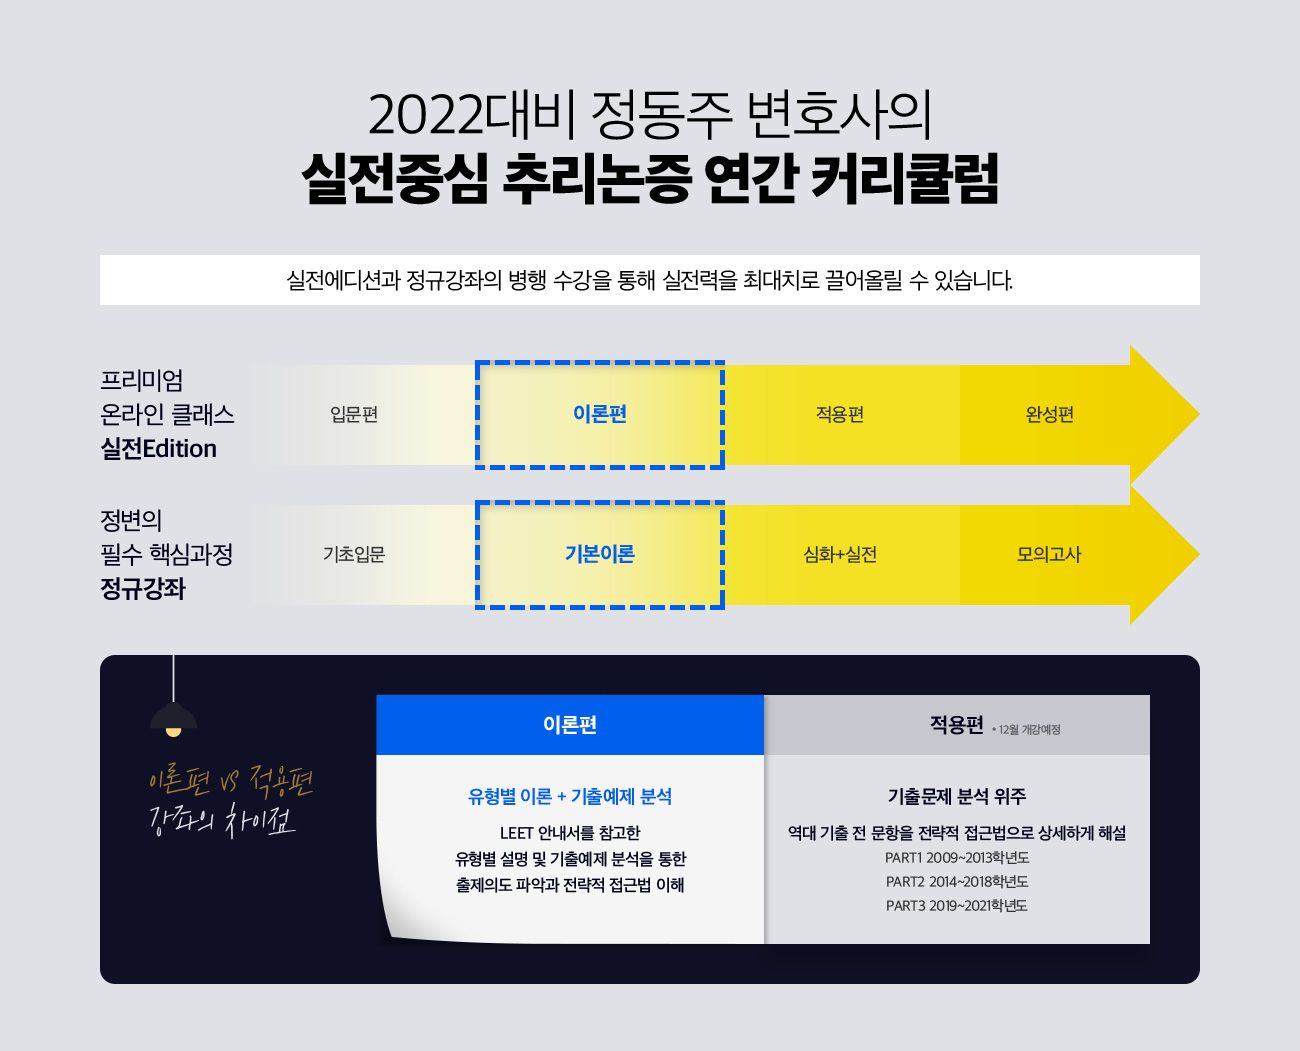 2022대비 정동주 변호사의 실전중심 추리논증 연간 커리큘럼